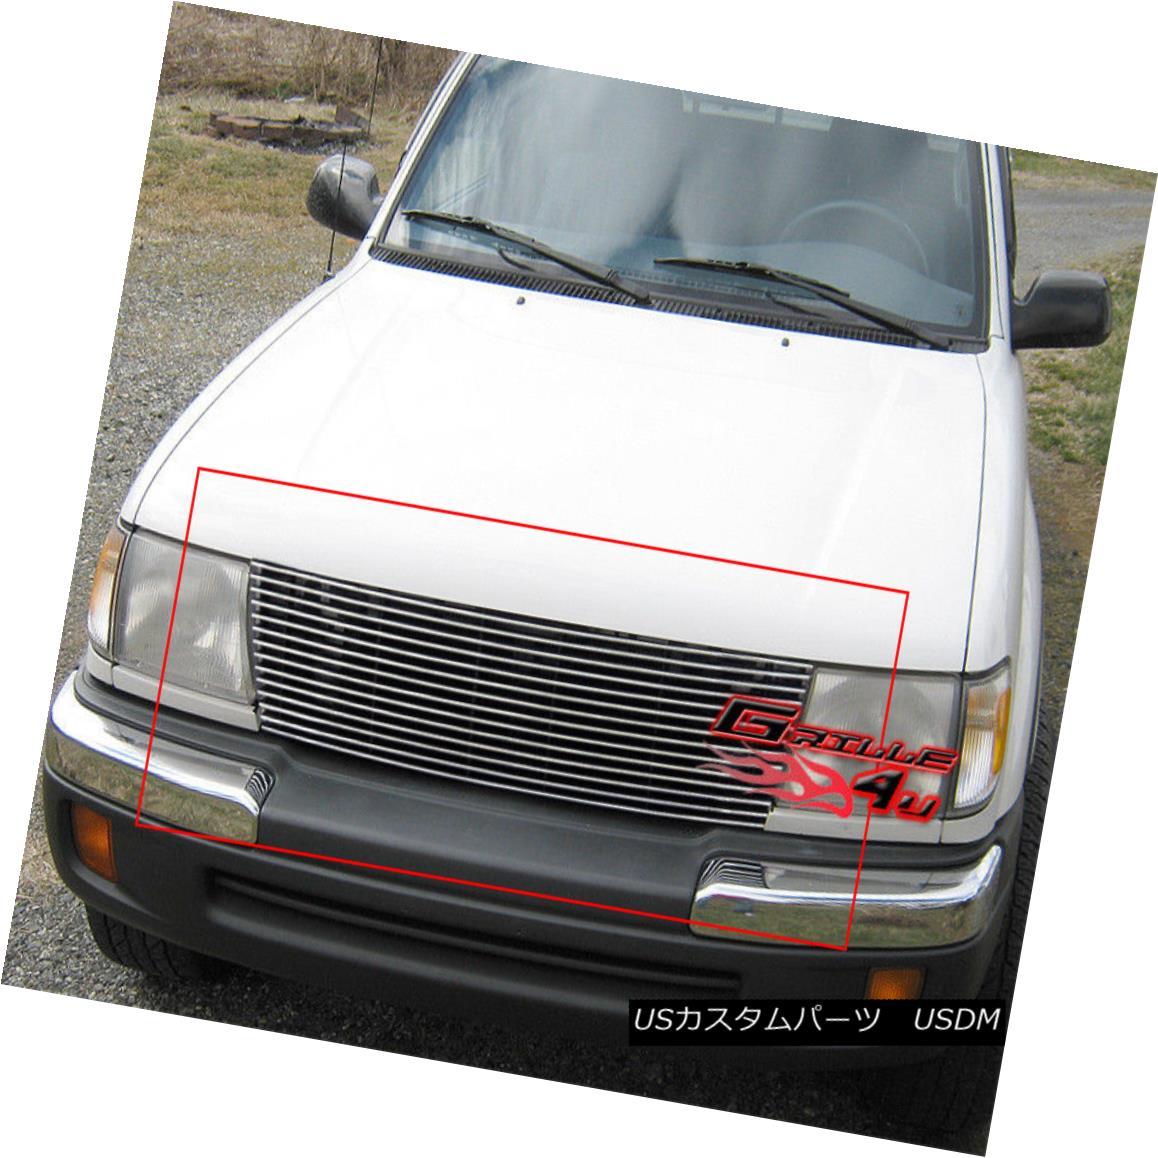 グリル Fits 1998-2000 Toyota Tacoma Main Upper Billet Grille Insert フィッティング1998-2000トヨタタコマメインアッパービレットグリルインサート